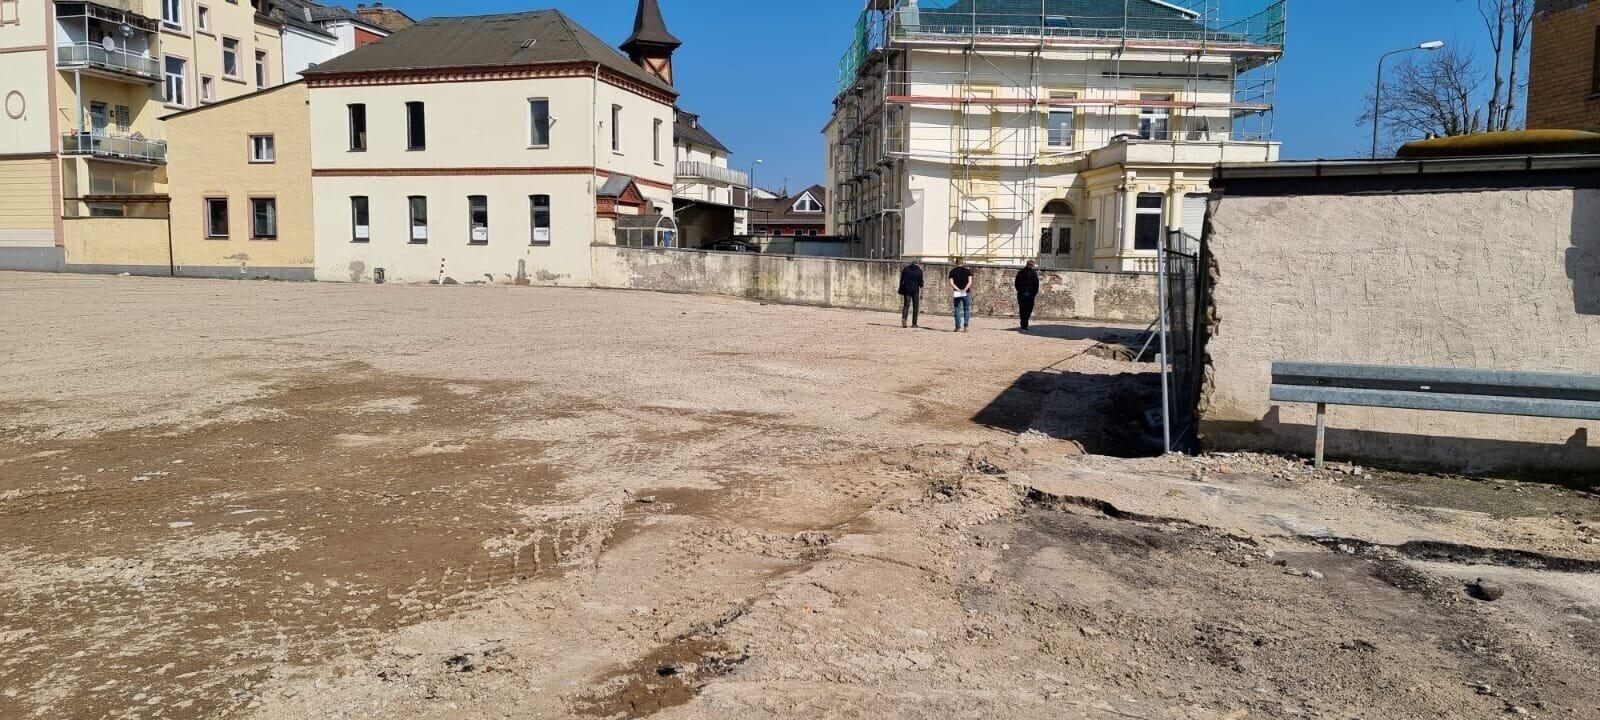 Fläche ehemalige Rheinhalle